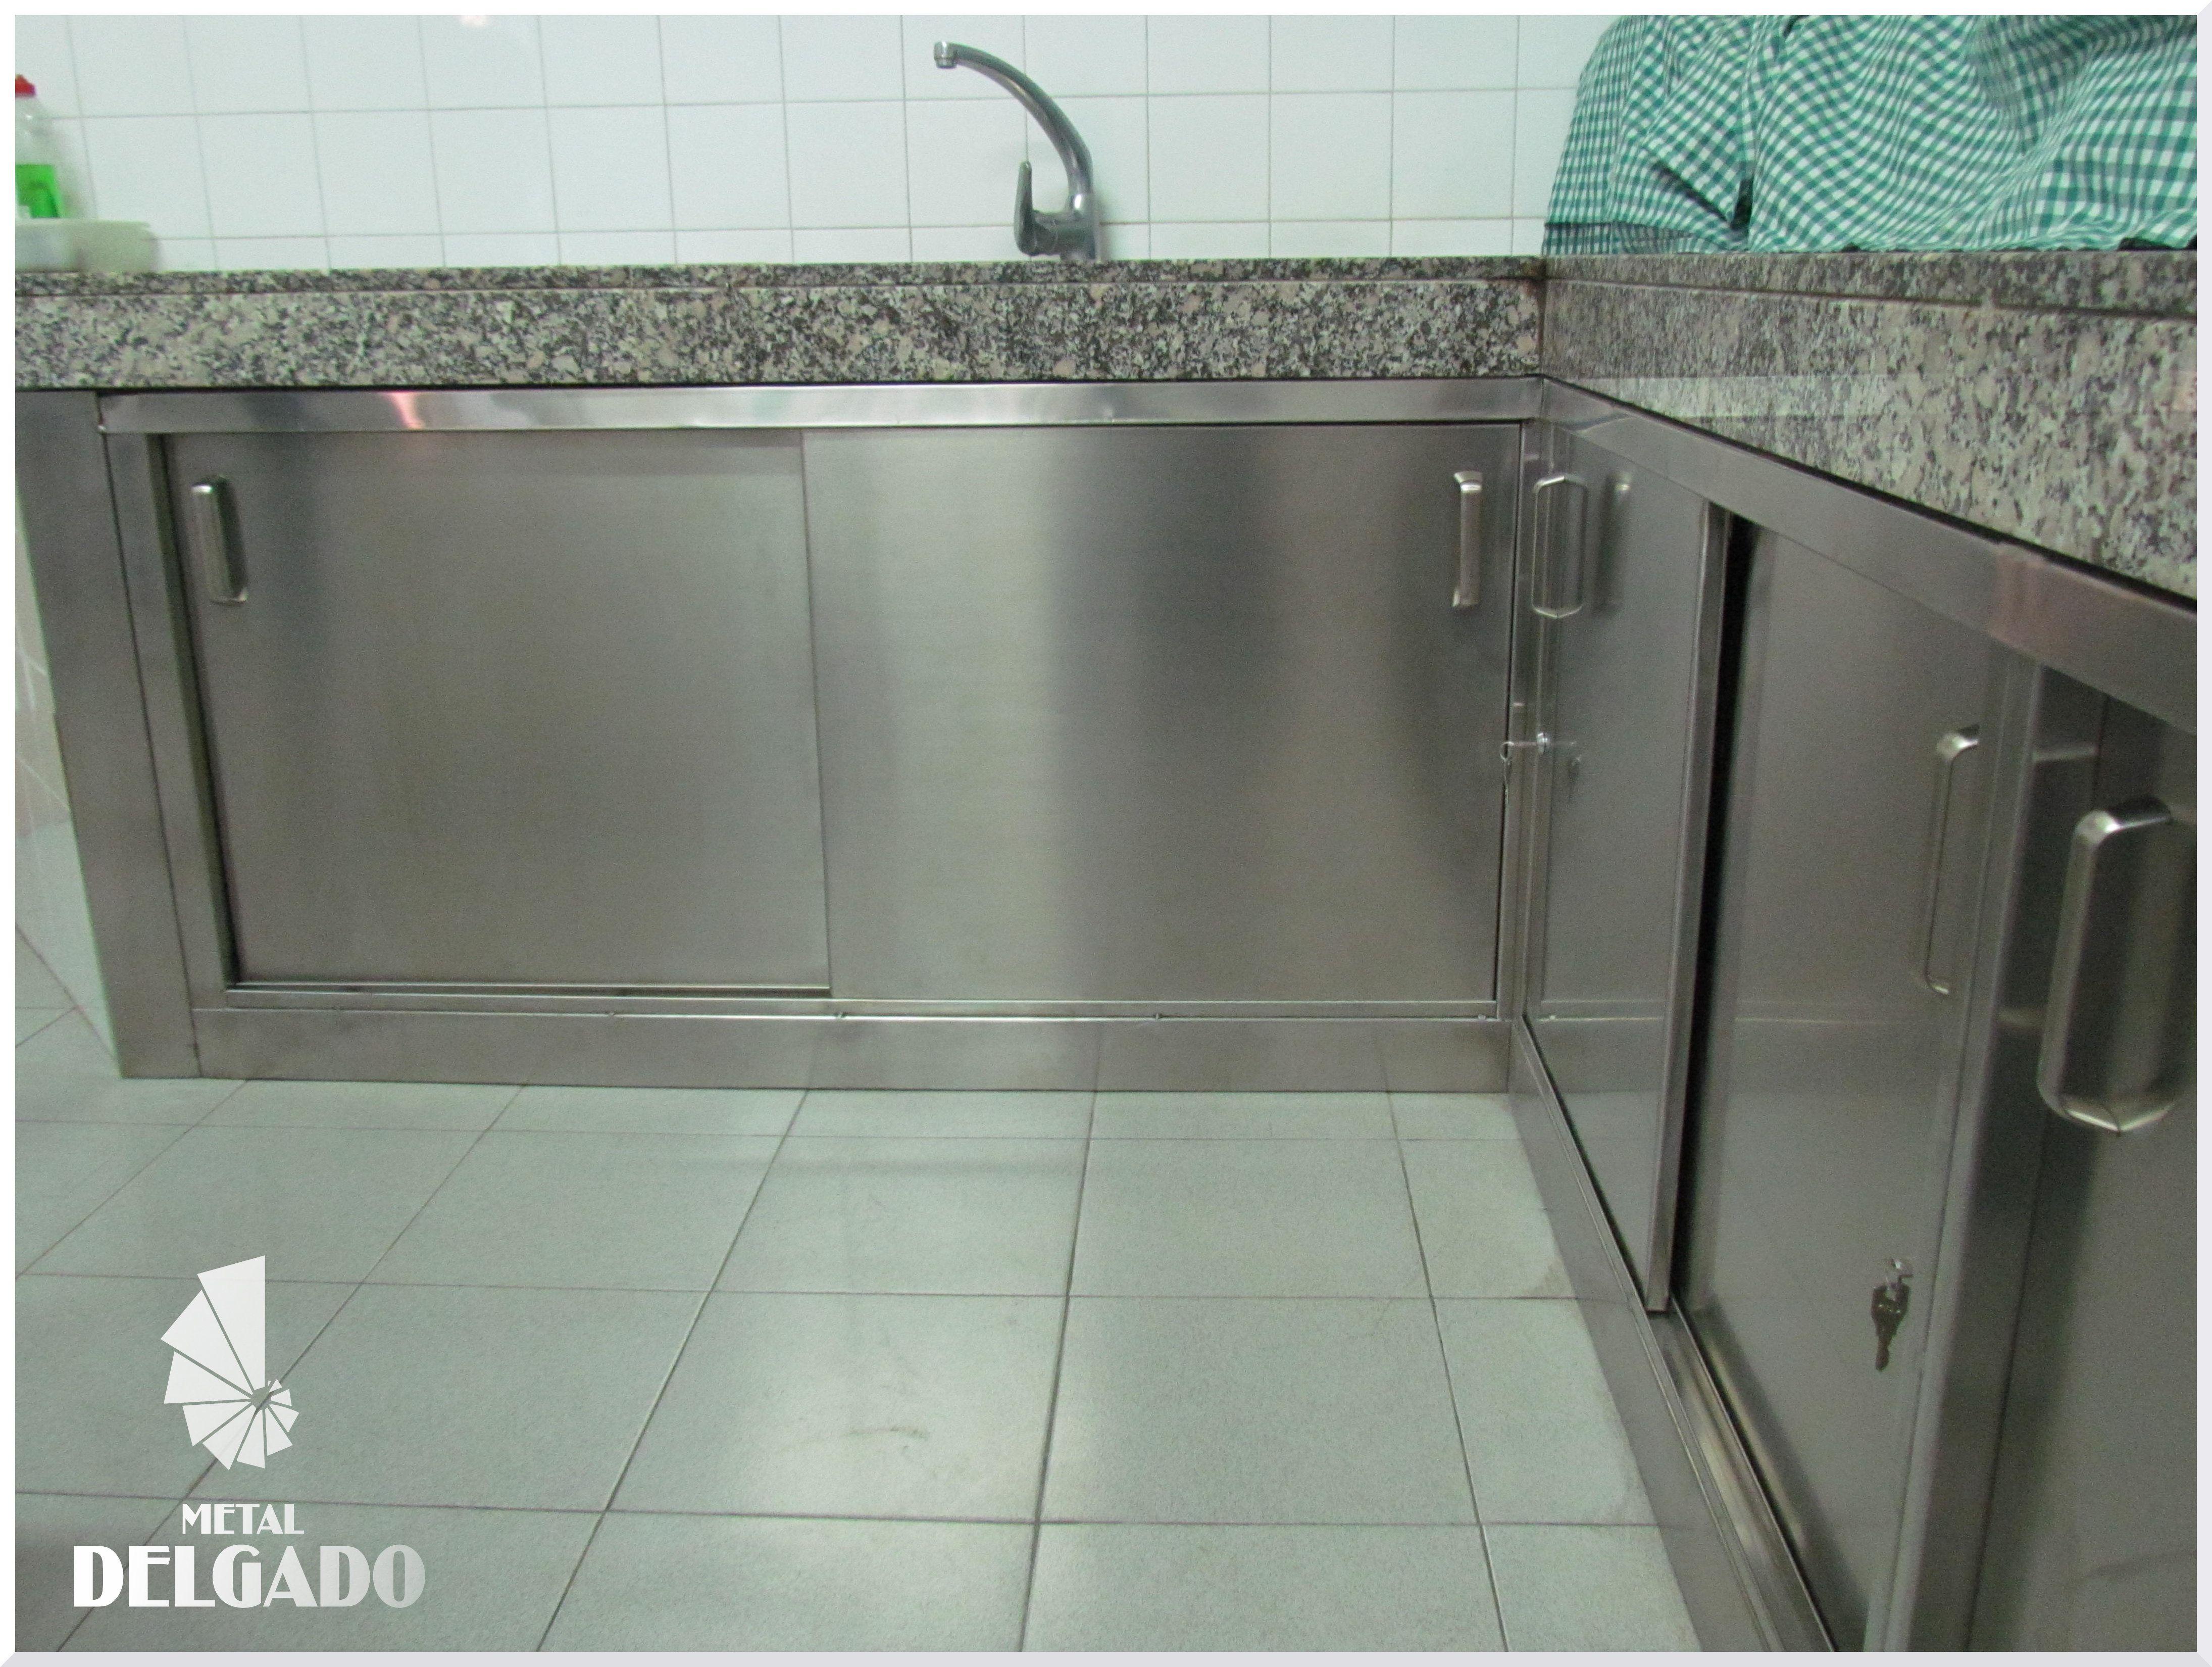 COCINA-ACERO-INOXIDABLE - Metal Delgado S.L.